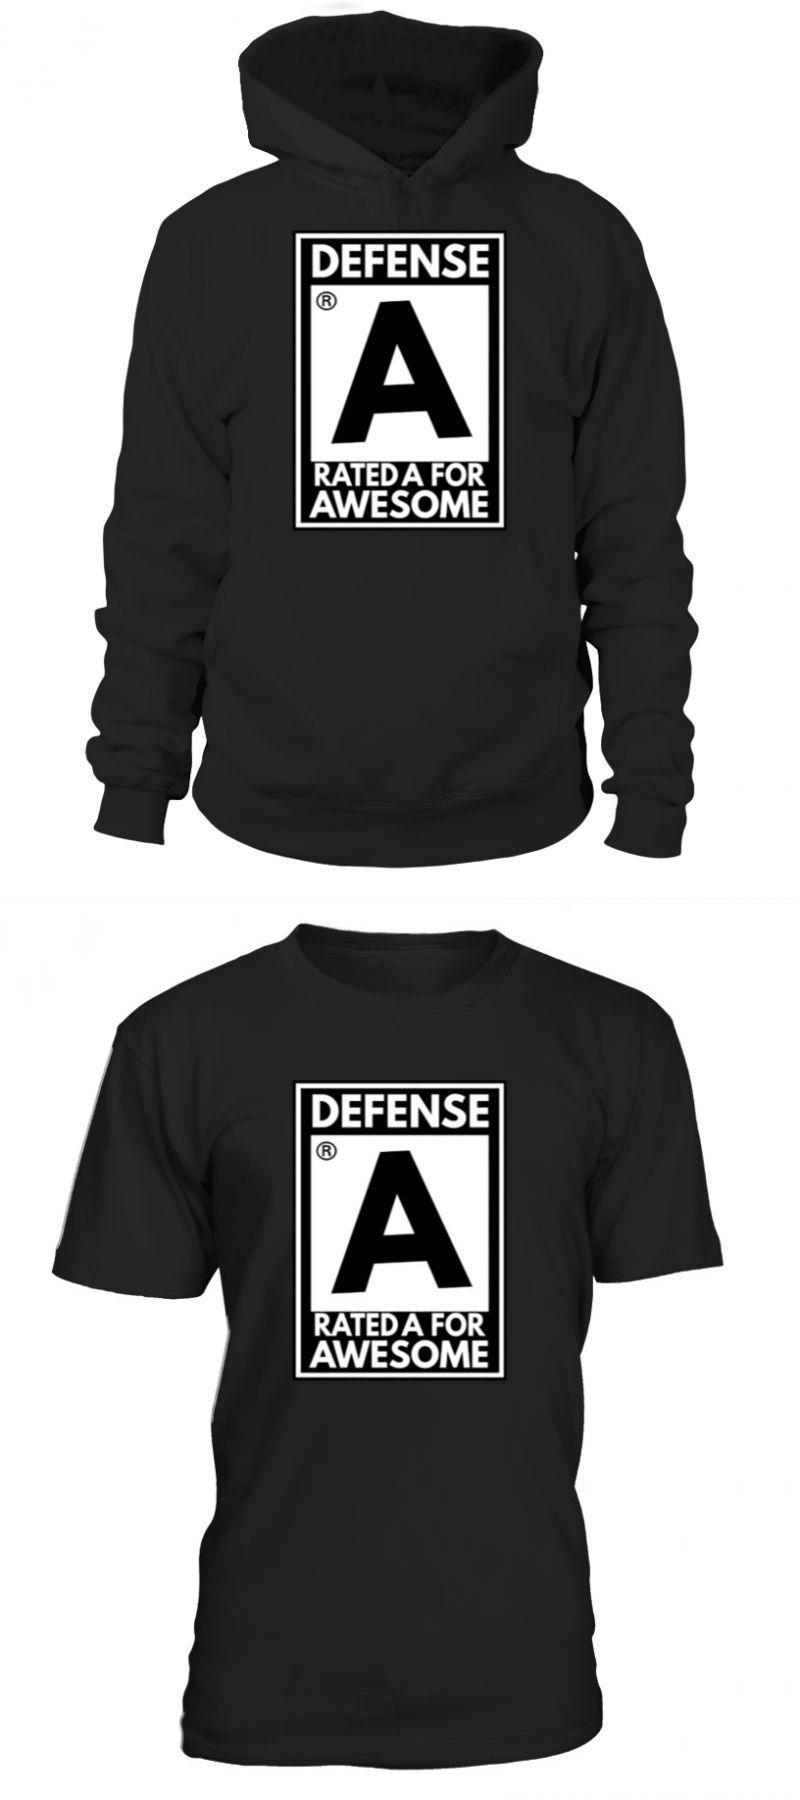 Full Size of Fussball Sprüche T Shirt Fitness Sprüche T Shirt Alkohol Sprüche T Shirt Lustige Sprüche T Shirt Männer Küche Sprüche T Shirt